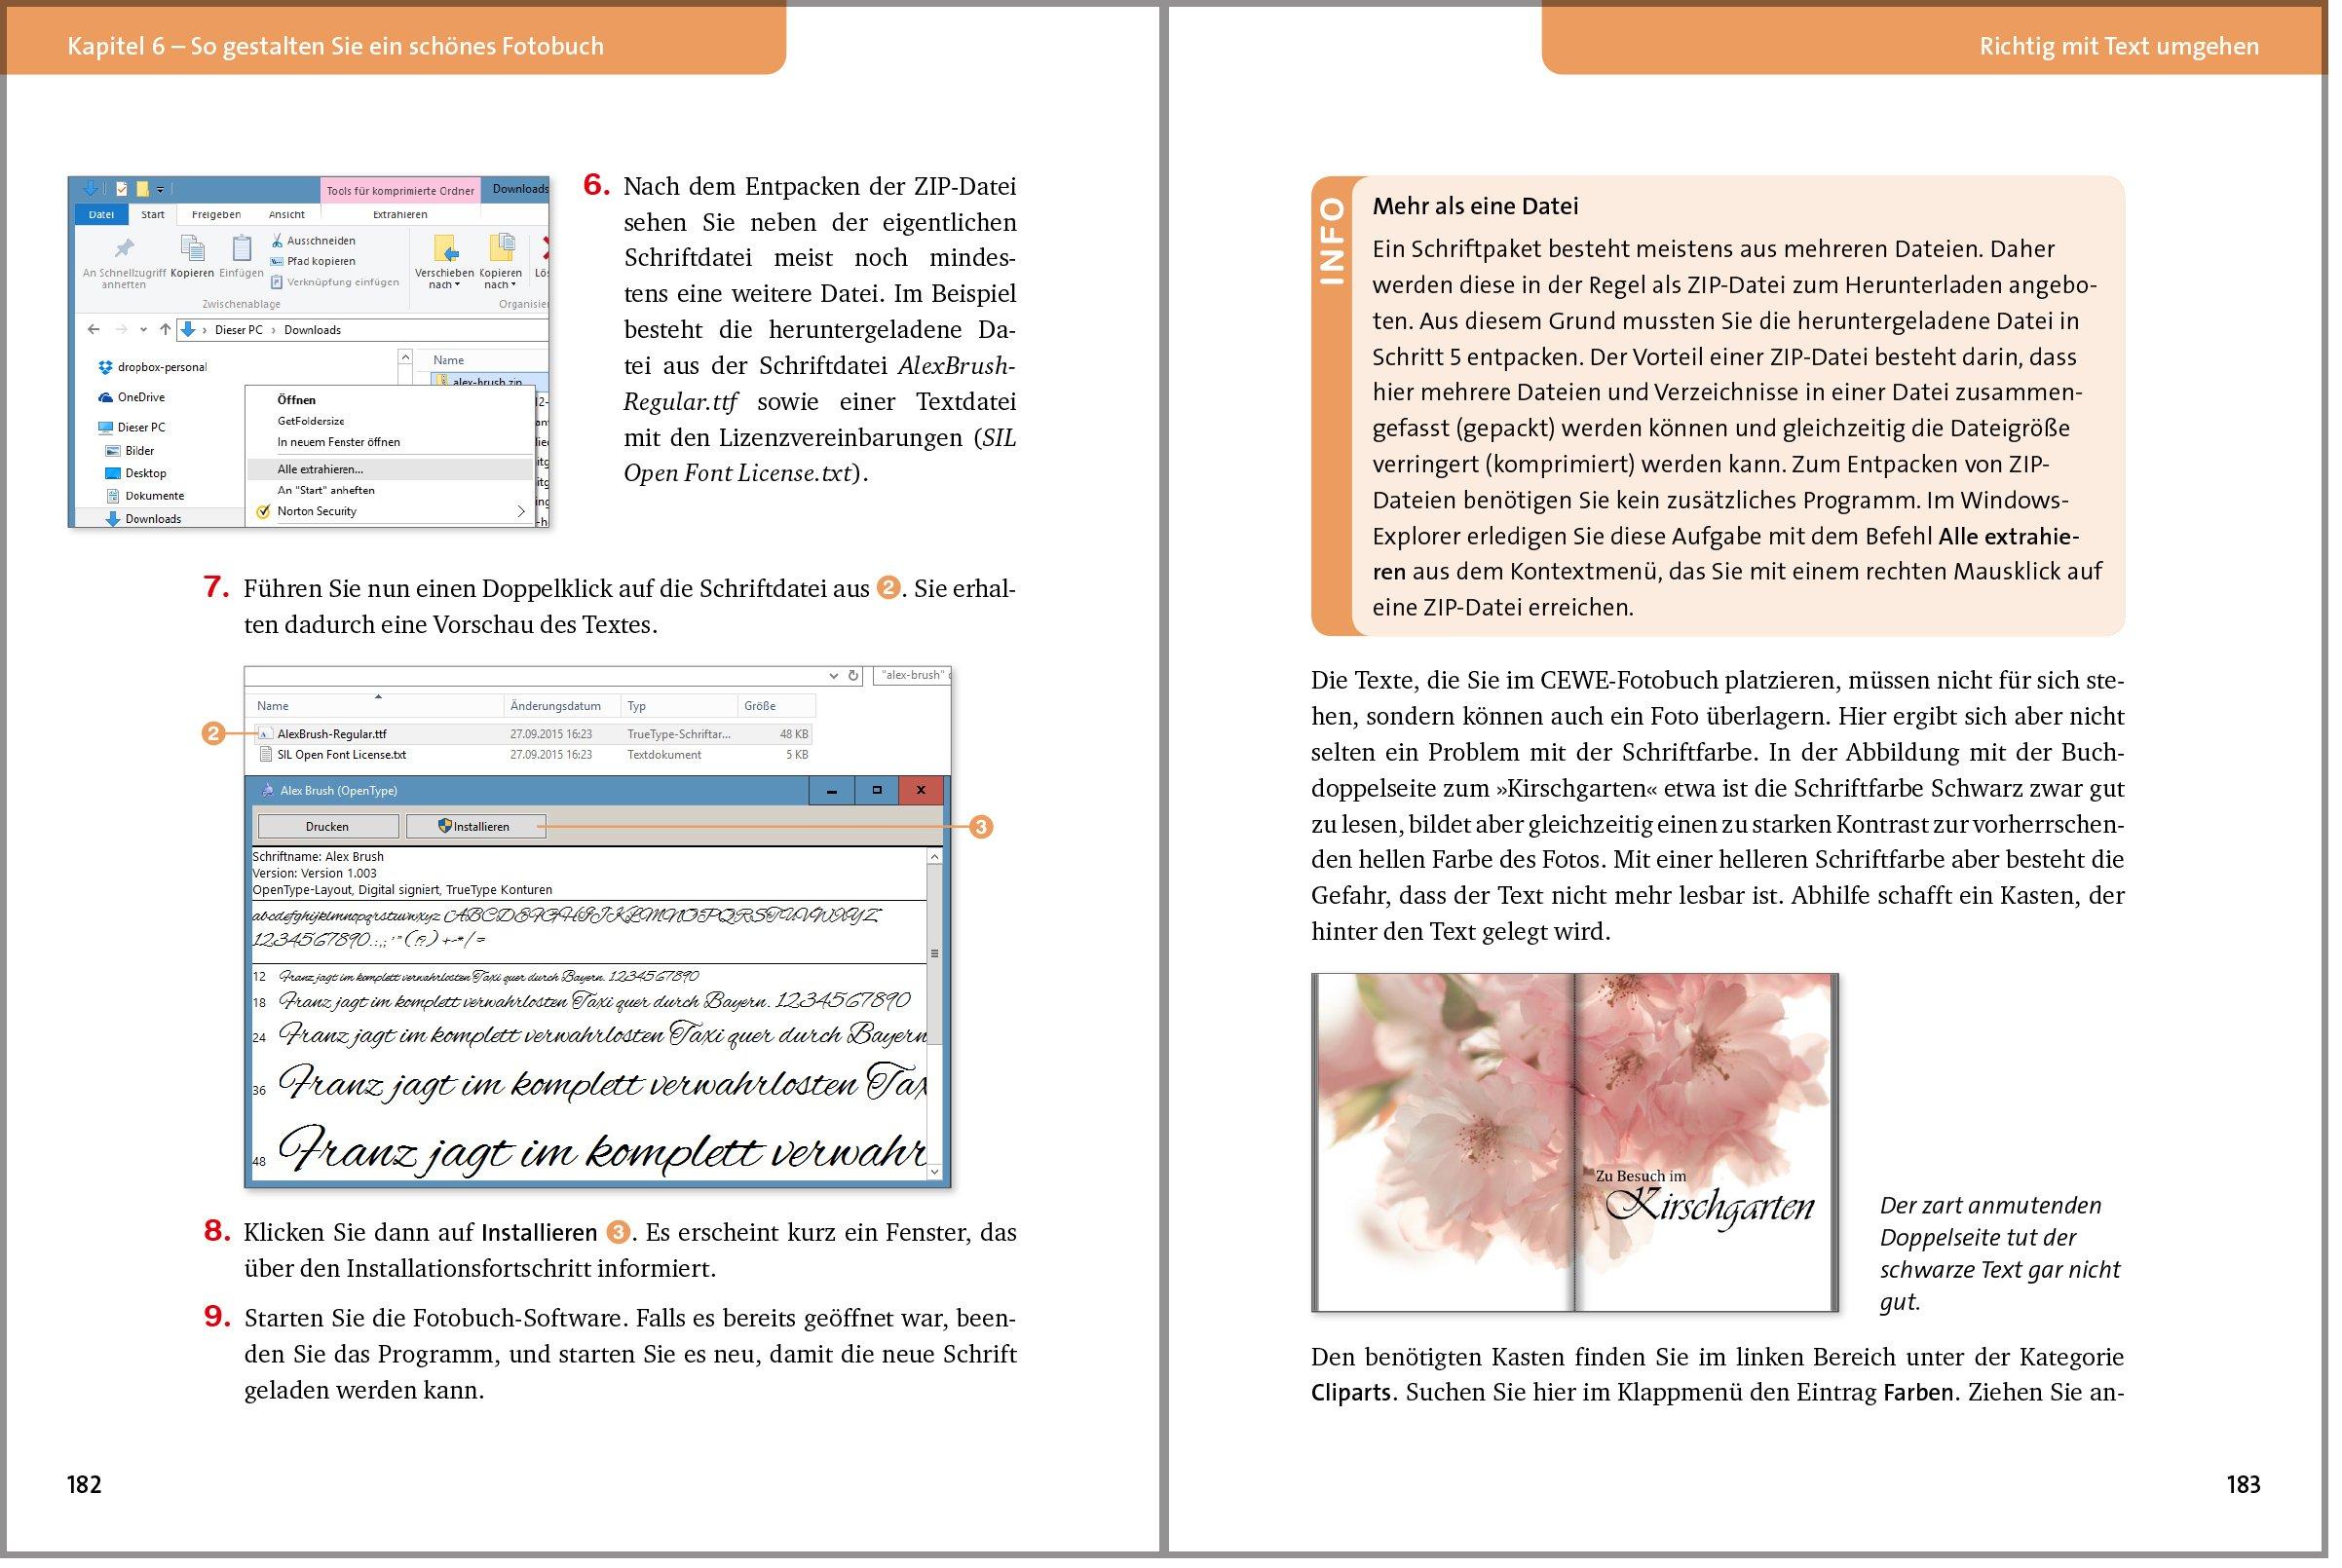 Großartig Beispiel Software Lizenzvereinbarung Bilder - Bilder für ...